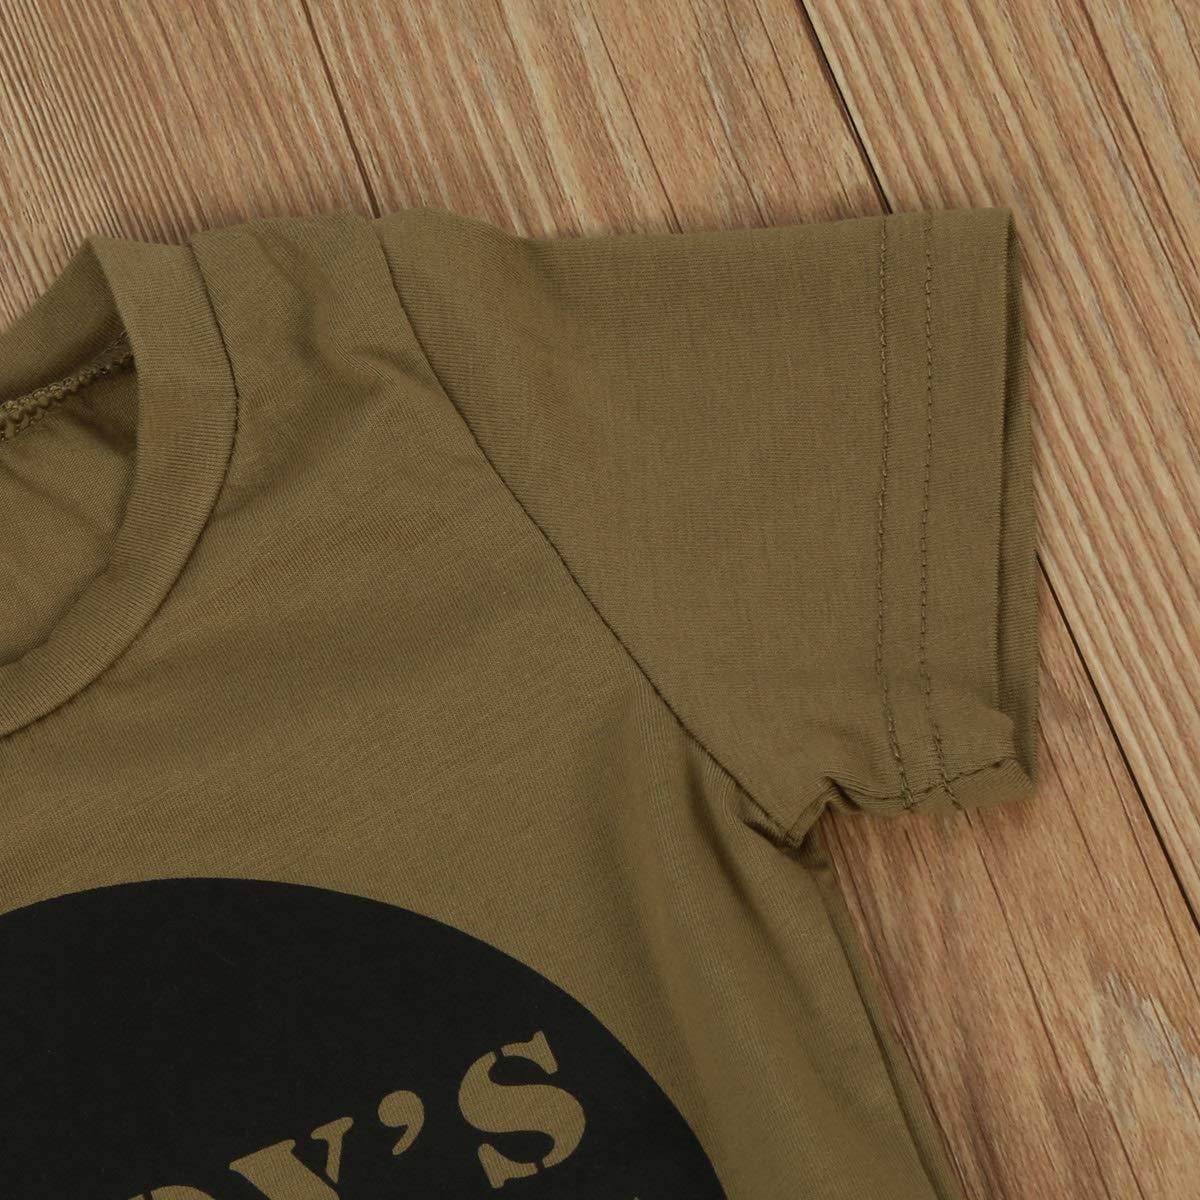 Conjunto de Ropa para Hermanos de Hermana Hermana Camisa de Manga Corta con Letra Trajes de Camuflaje